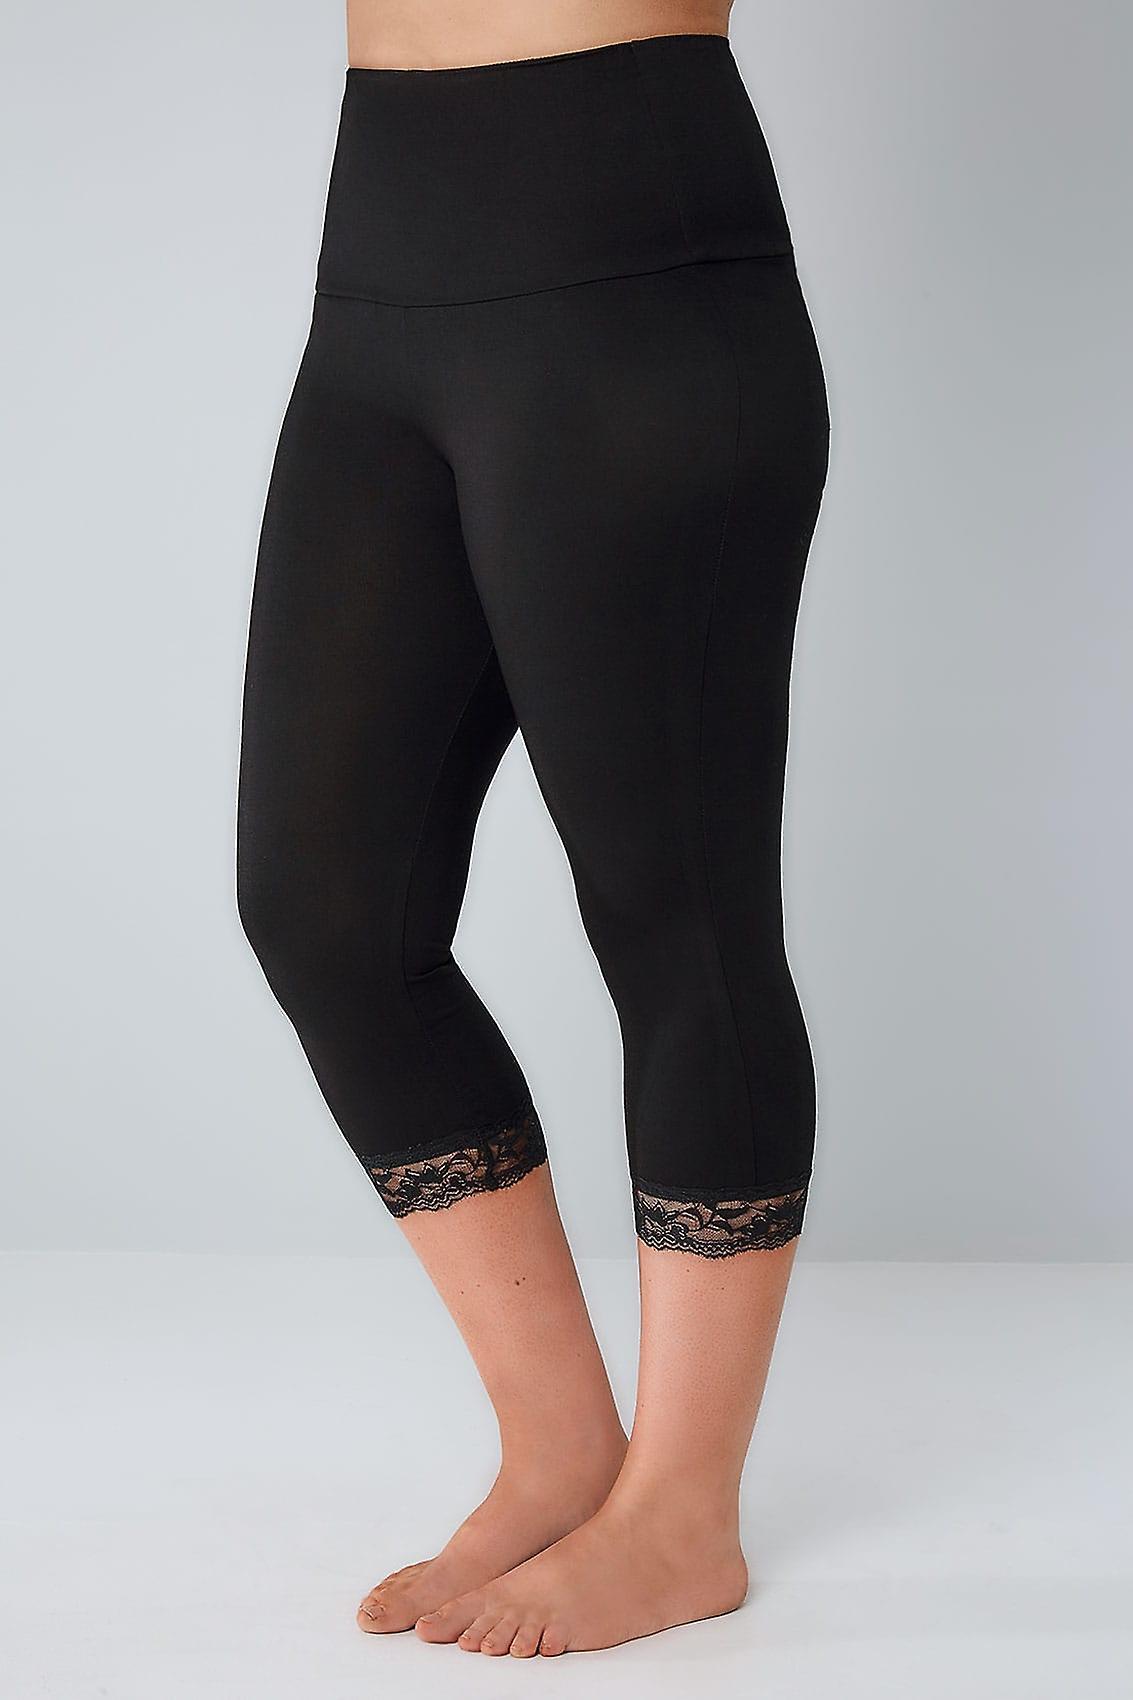 Schwarzen Bauch CONTROL abgeschnitten Leggings mit Lace Trim